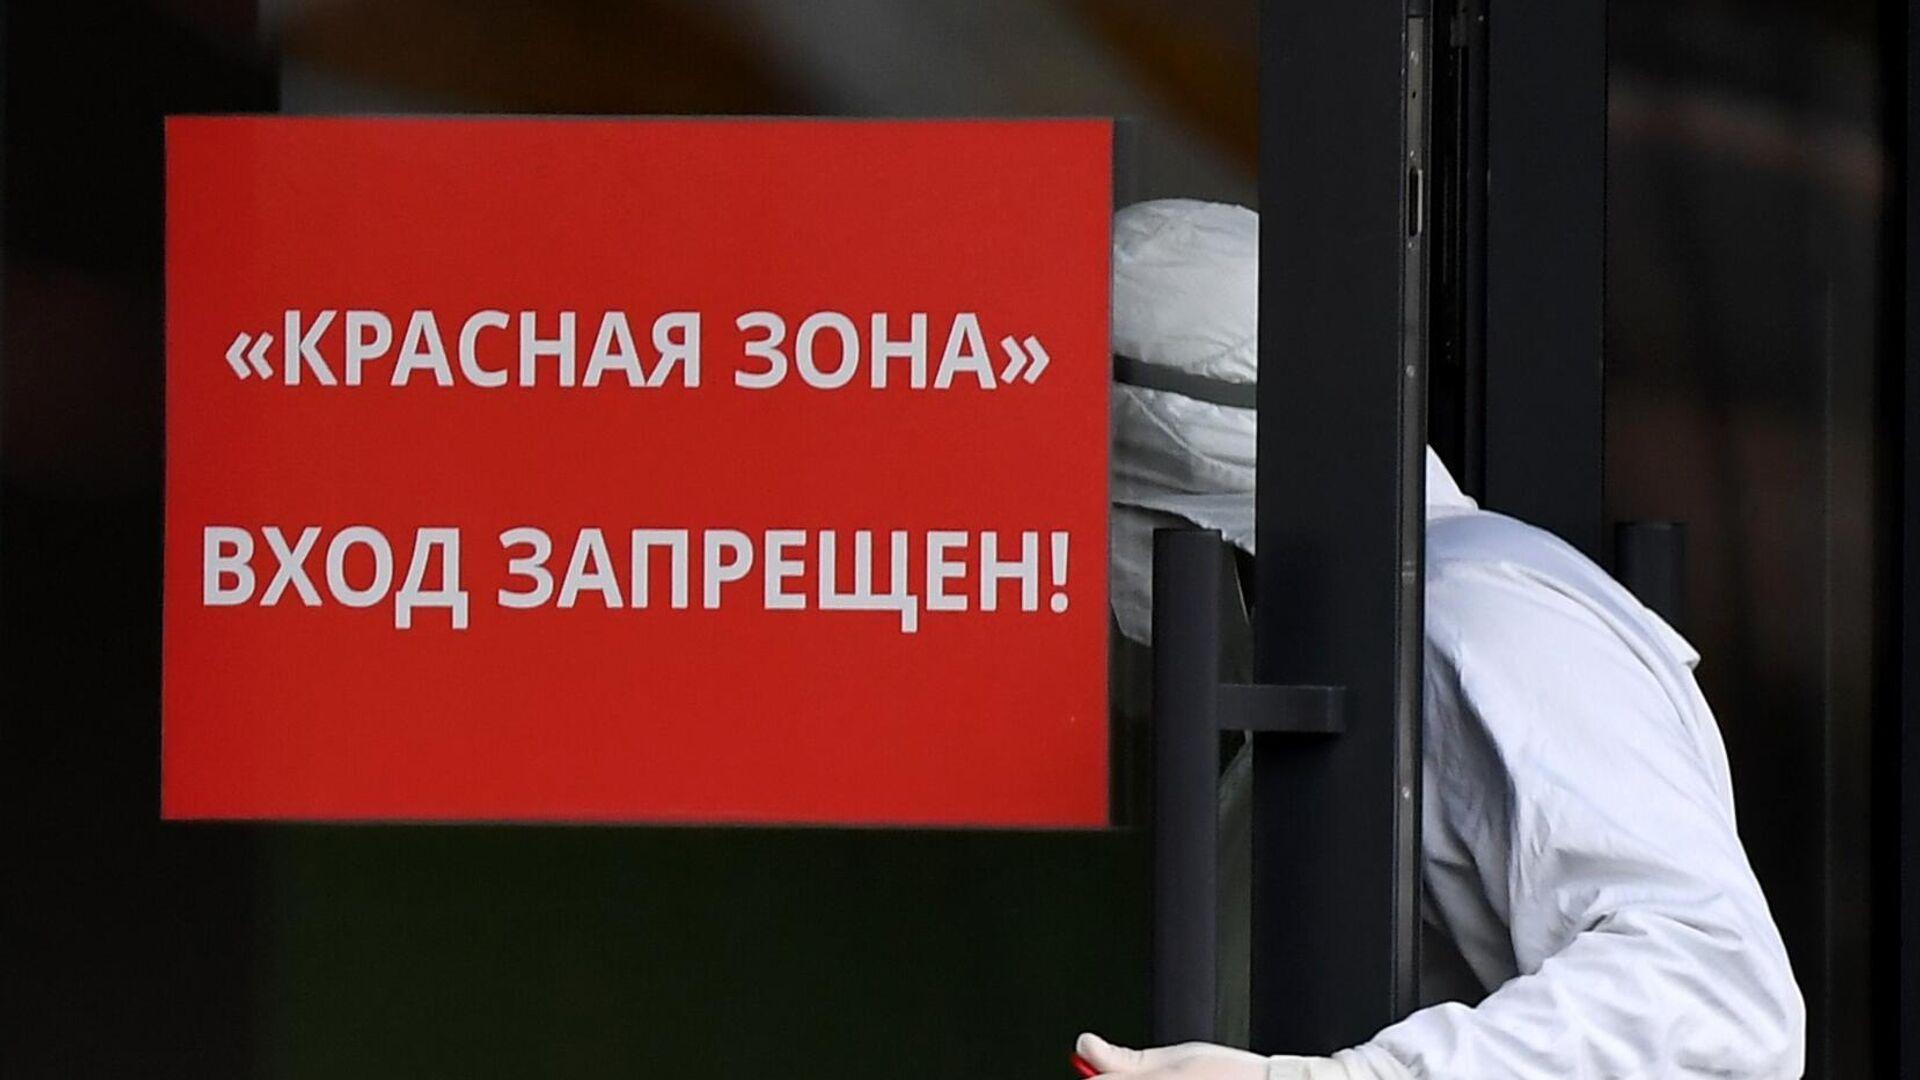 Медицинский сотрудник заходит в красную зону Республиканской клинической инфекционной больницы в Казани - РИА Новости, 1920, 13.10.2021